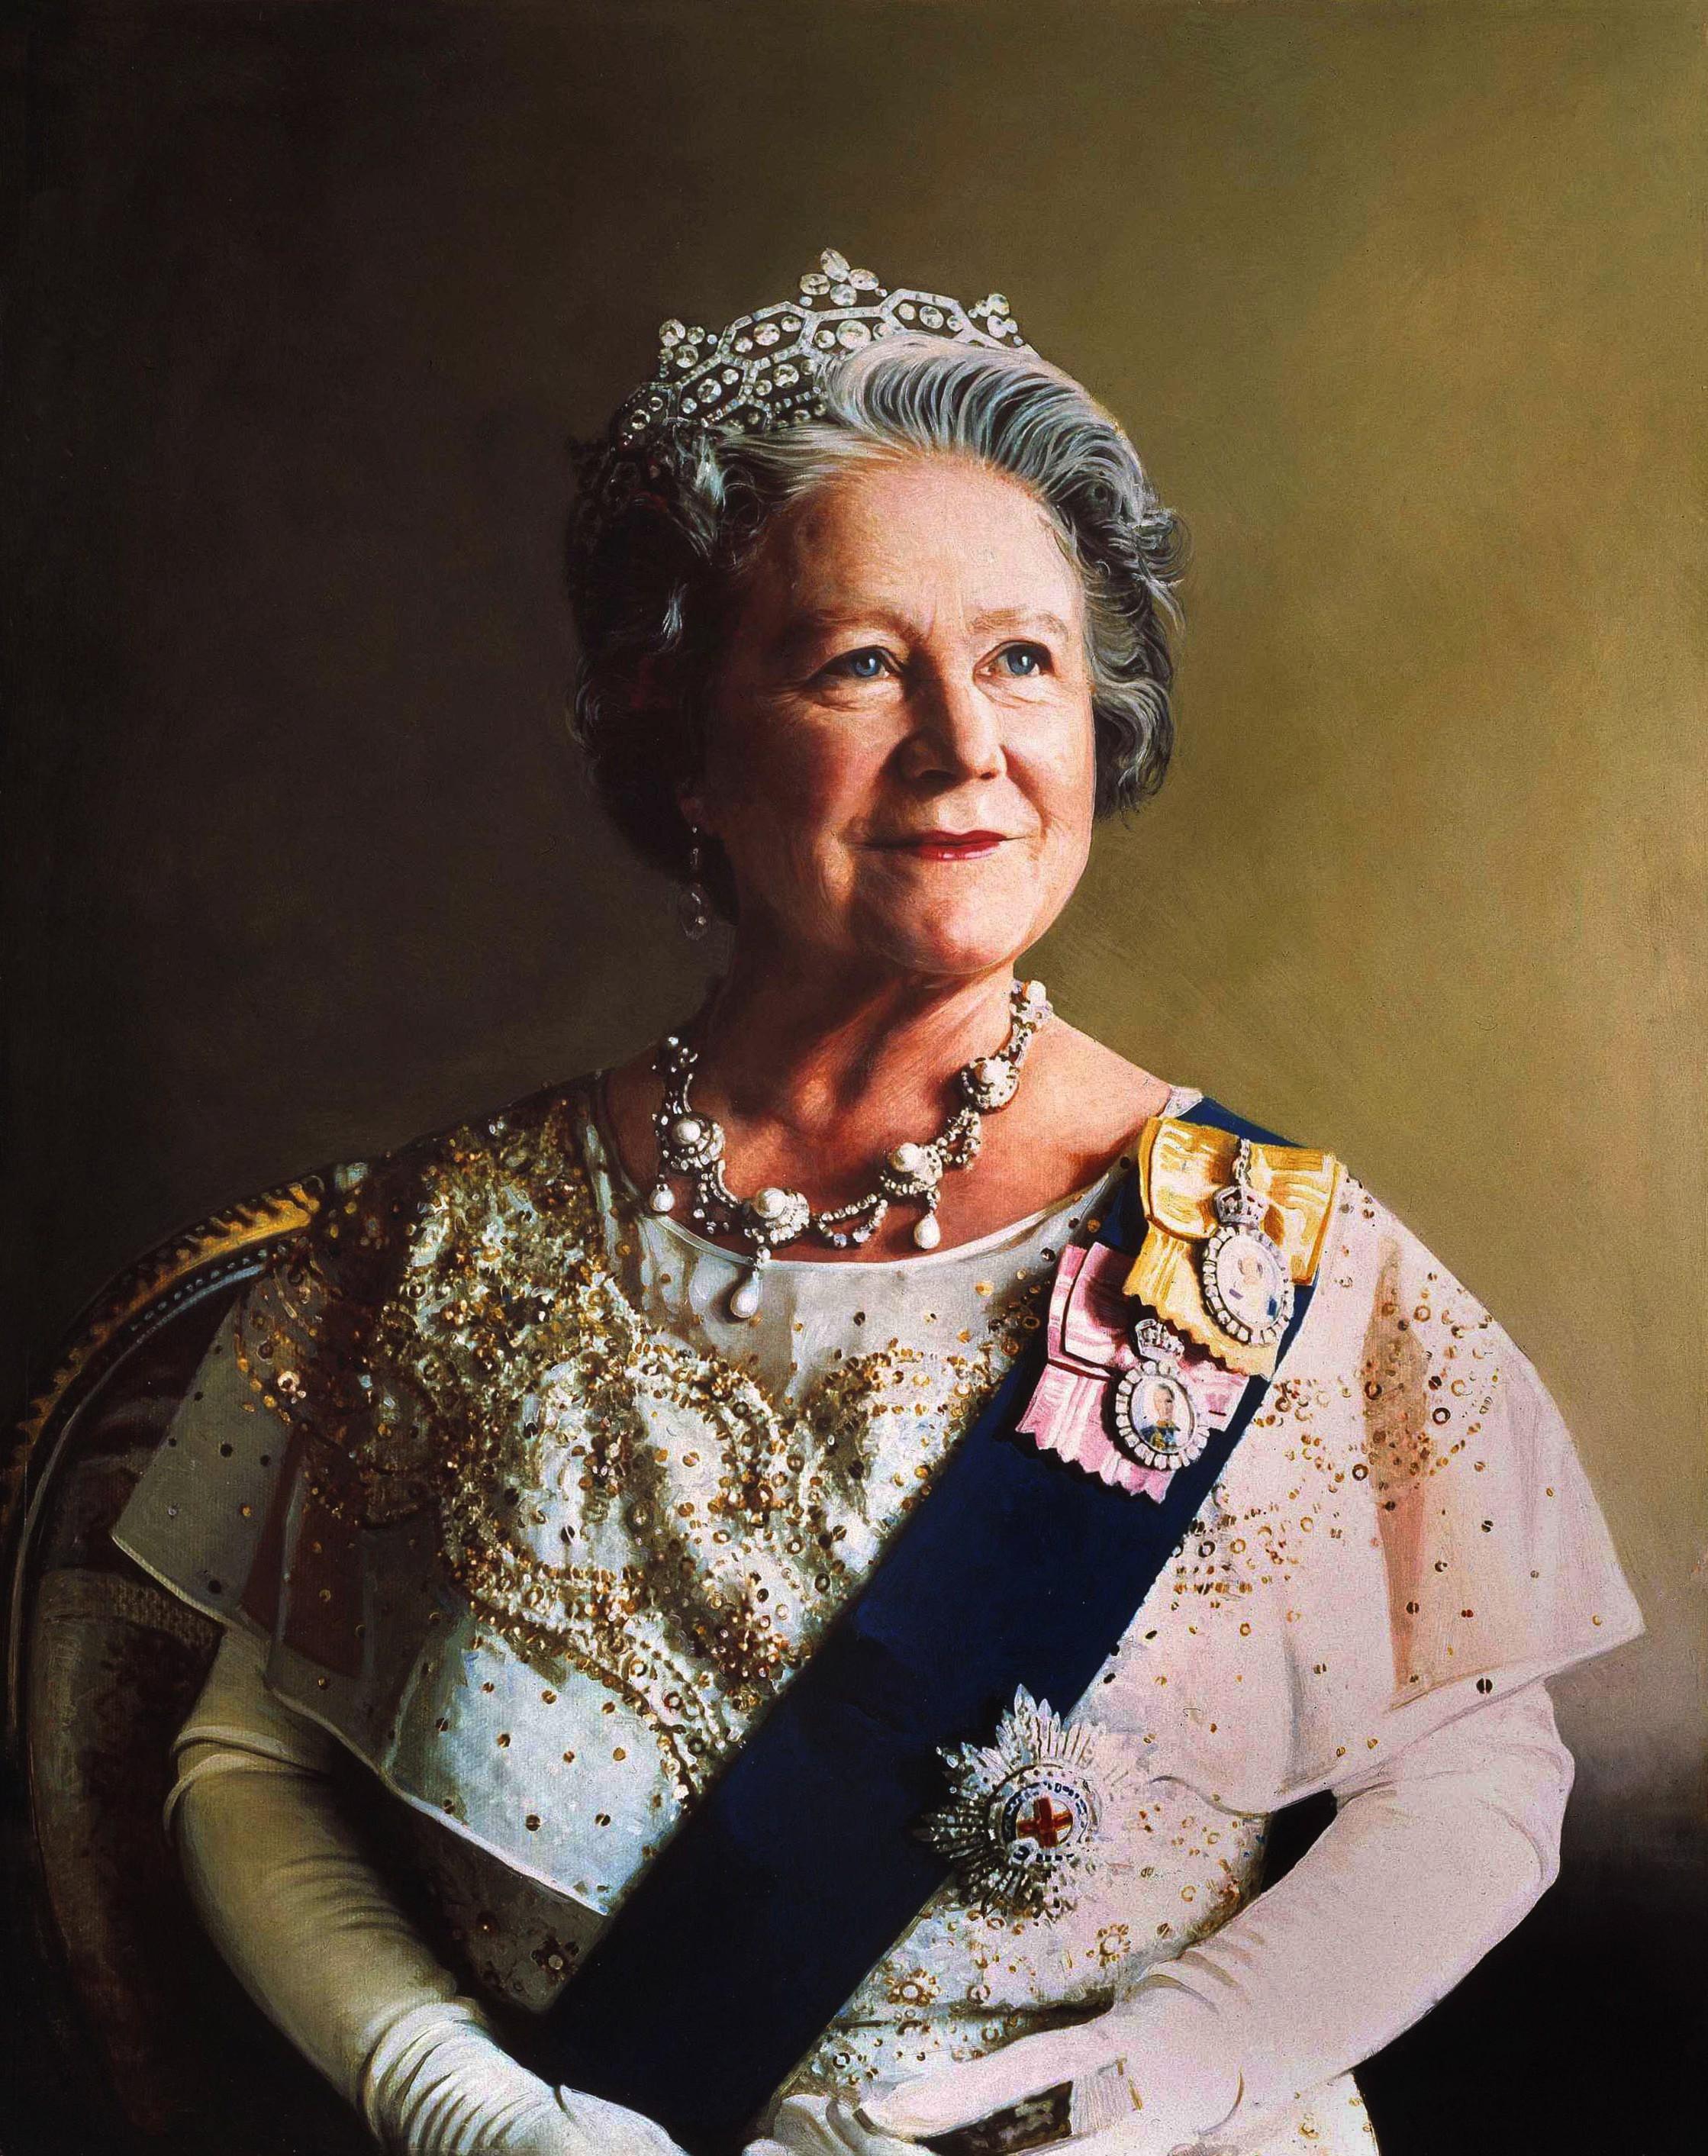 Richard Stone, Queen Mother draagt Greville tiara van Boucheron, foto, 1986, portret, halssieraad